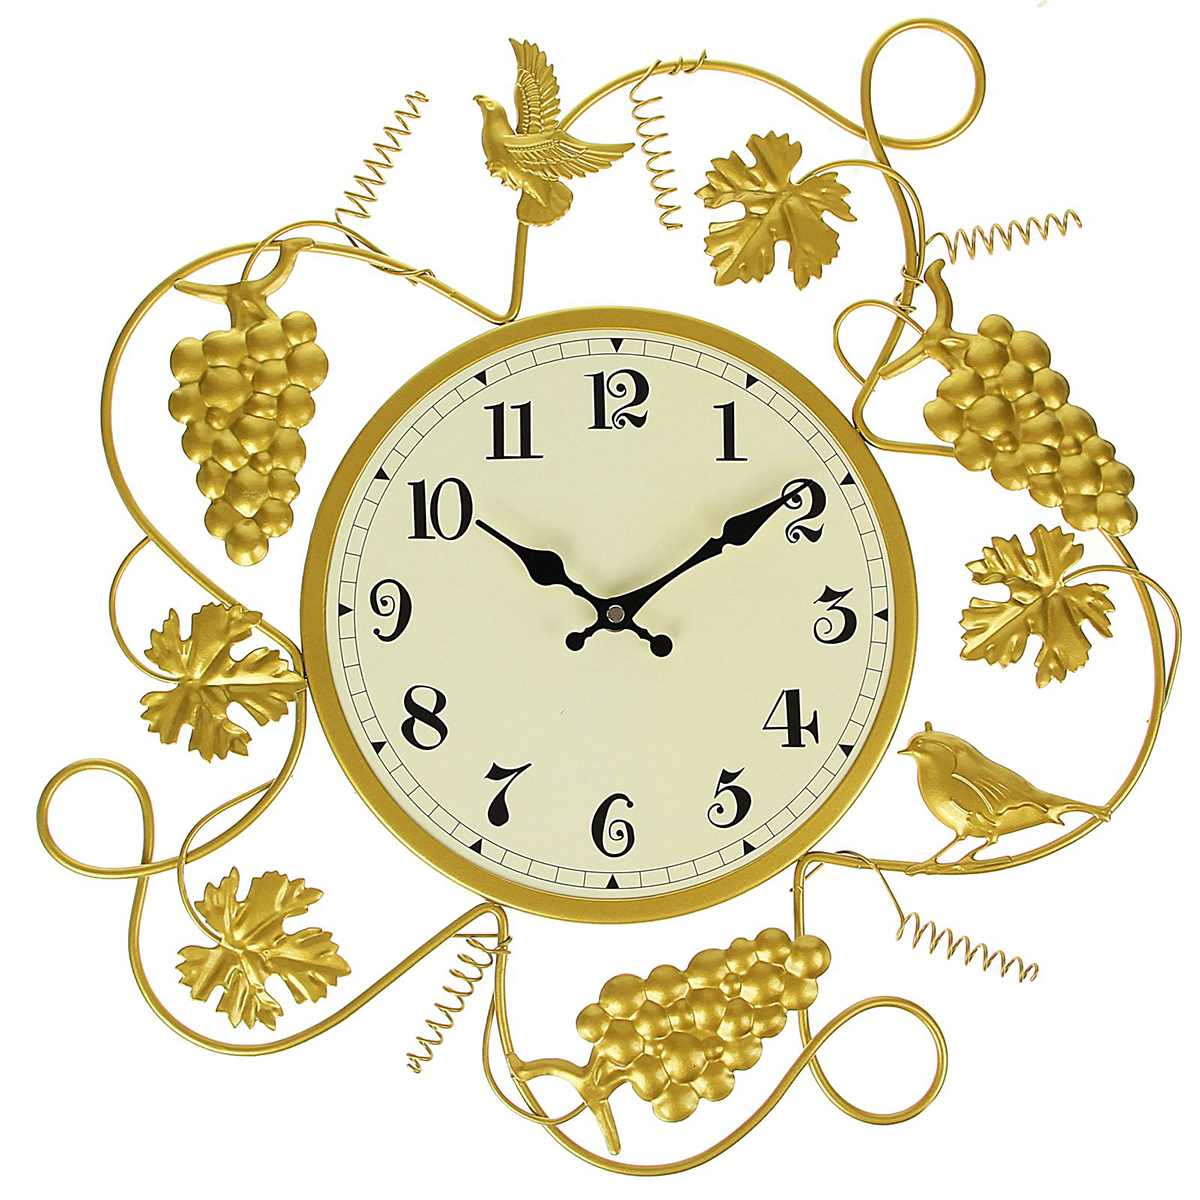 Часы настенные Ажур. Птички и виноградная лоза, 48 х 49 см1586079Каждому хозяину периодически приходит мысль обновить свою квартиру, сделать ремонт, перестановку или кардинально поменять внешний вид каждой комнаты. — привлекательная деталь, которая поможет воплотить вашу интерьерную идею, создать неповторимую атмосферу в вашем доме. Окружите себя приятными мелочами, пусть они радуют глаз и дарят гармонию.Часы настенные серия Ажур Птички и виноградная лоза 48*49см 1586079